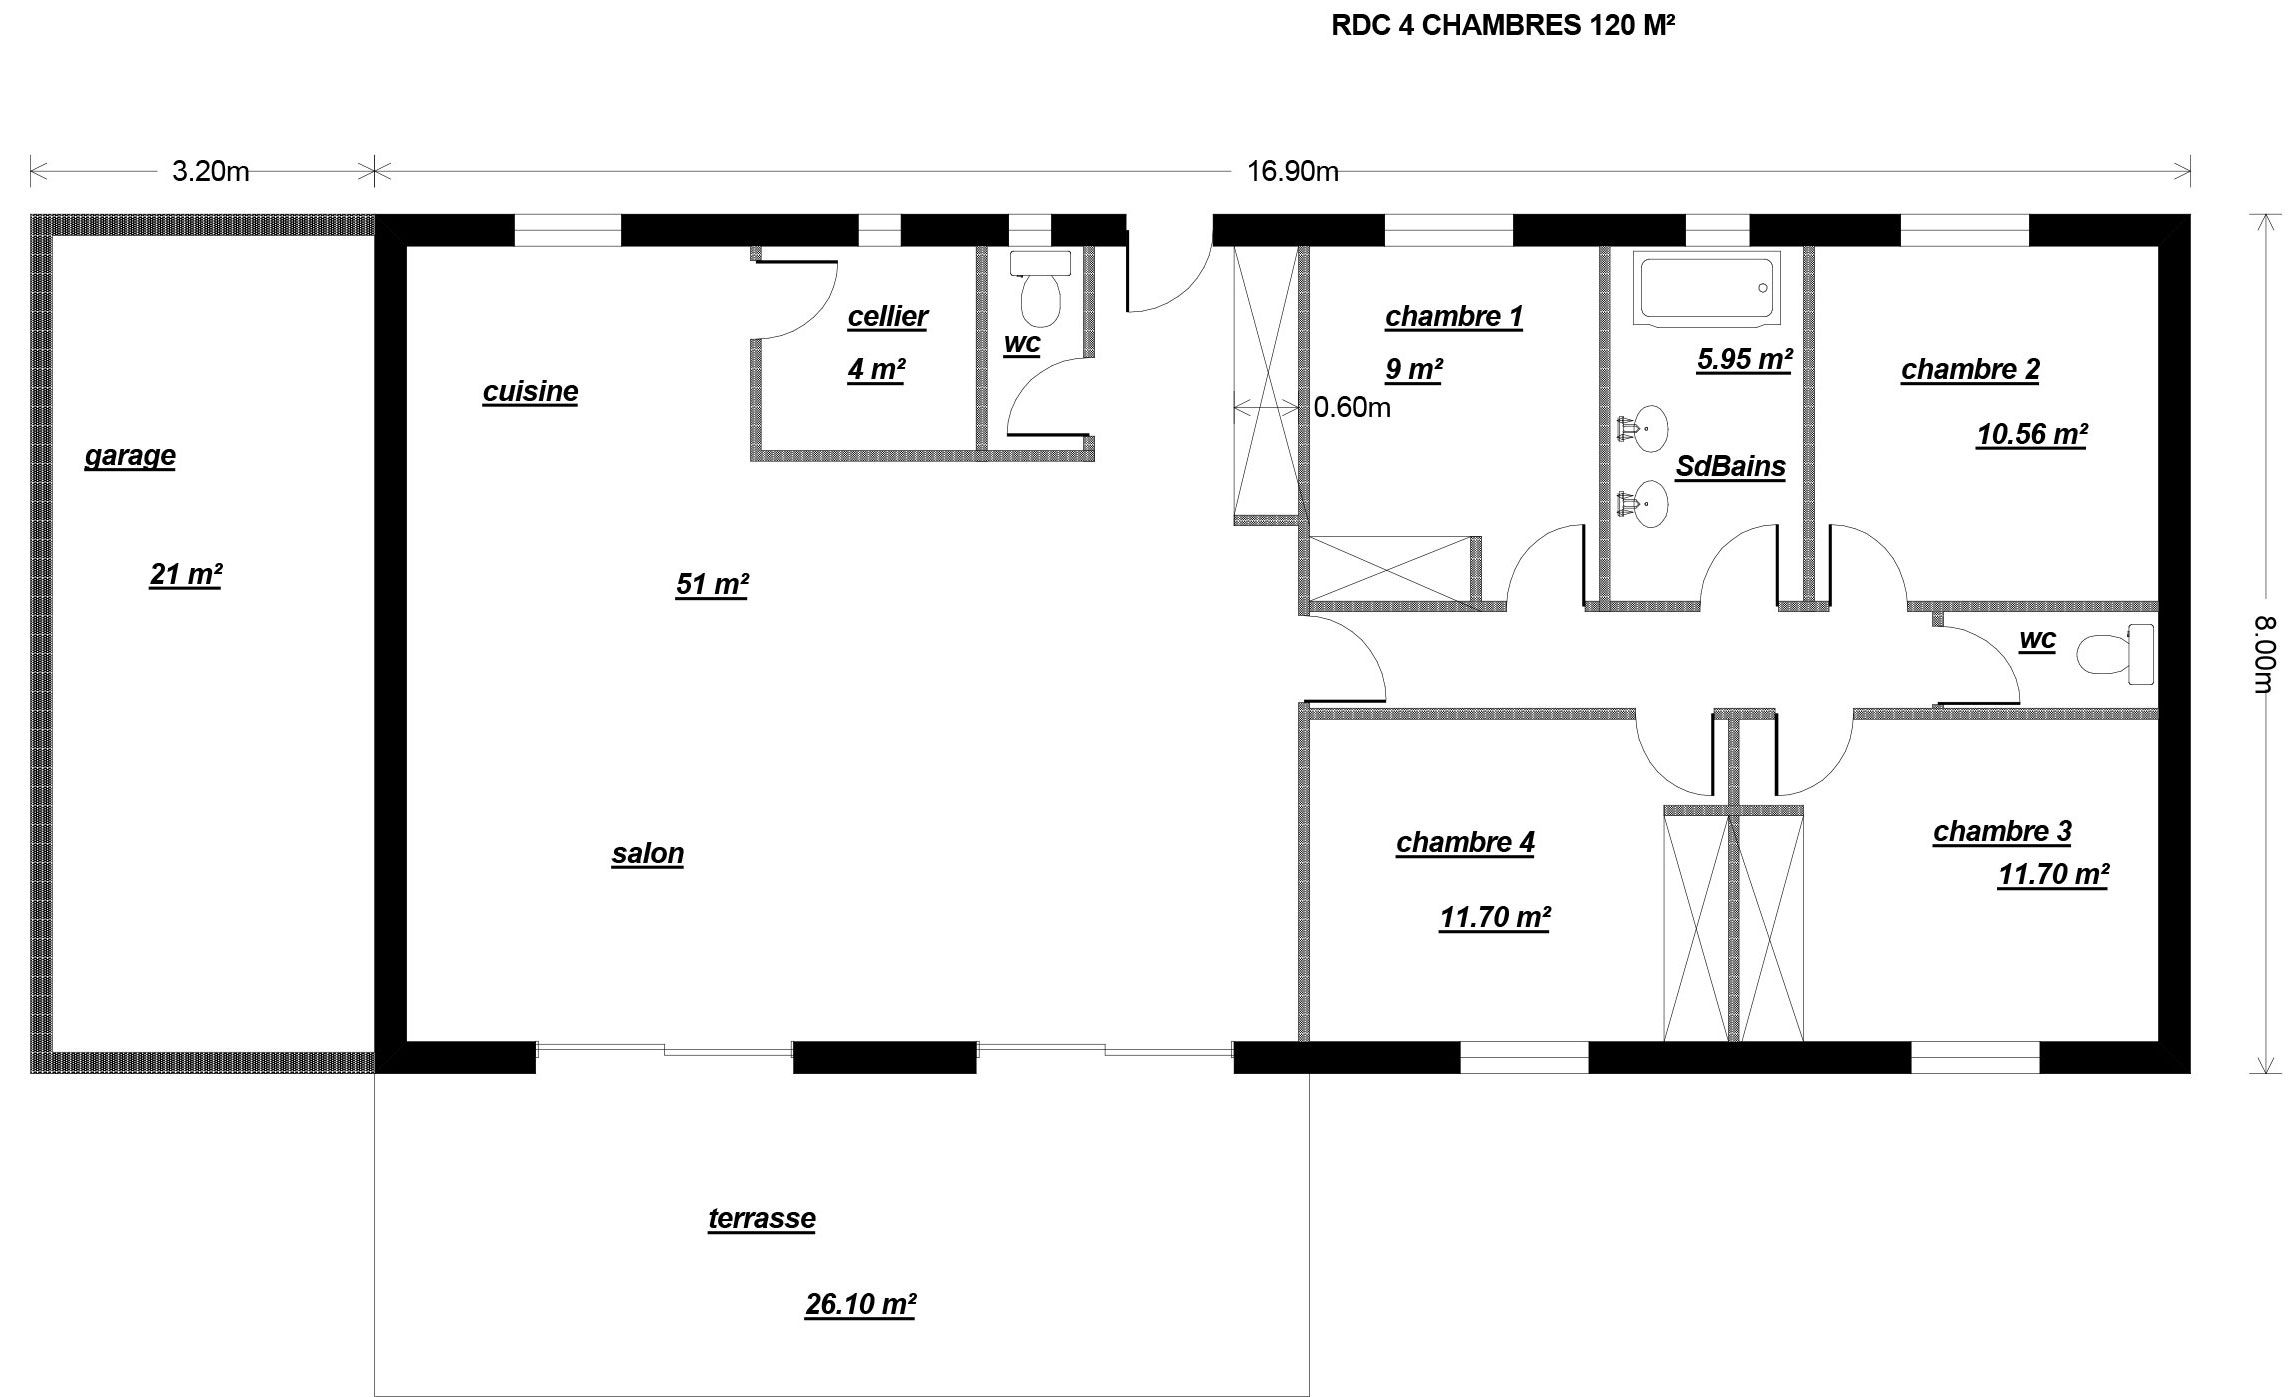 Plan Maison Rectangulaire 120m2 Plan Maison 14